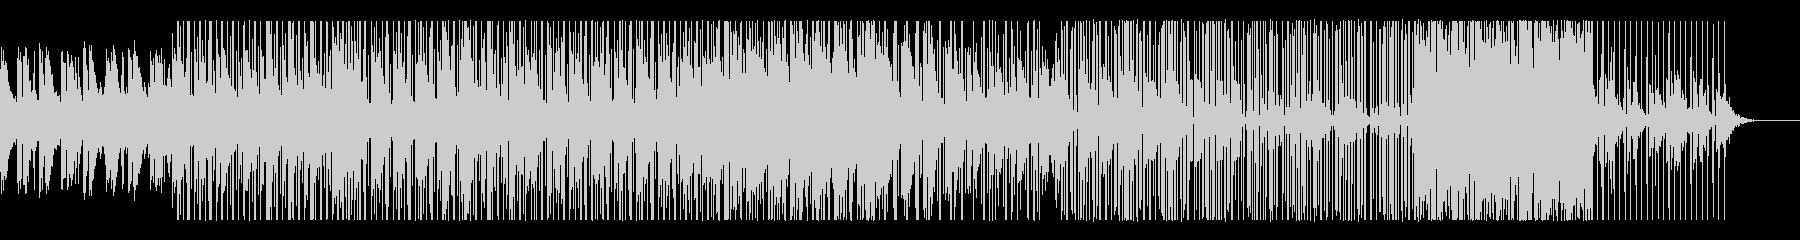 ローファイ・ヒップホップ Lofi の未再生の波形